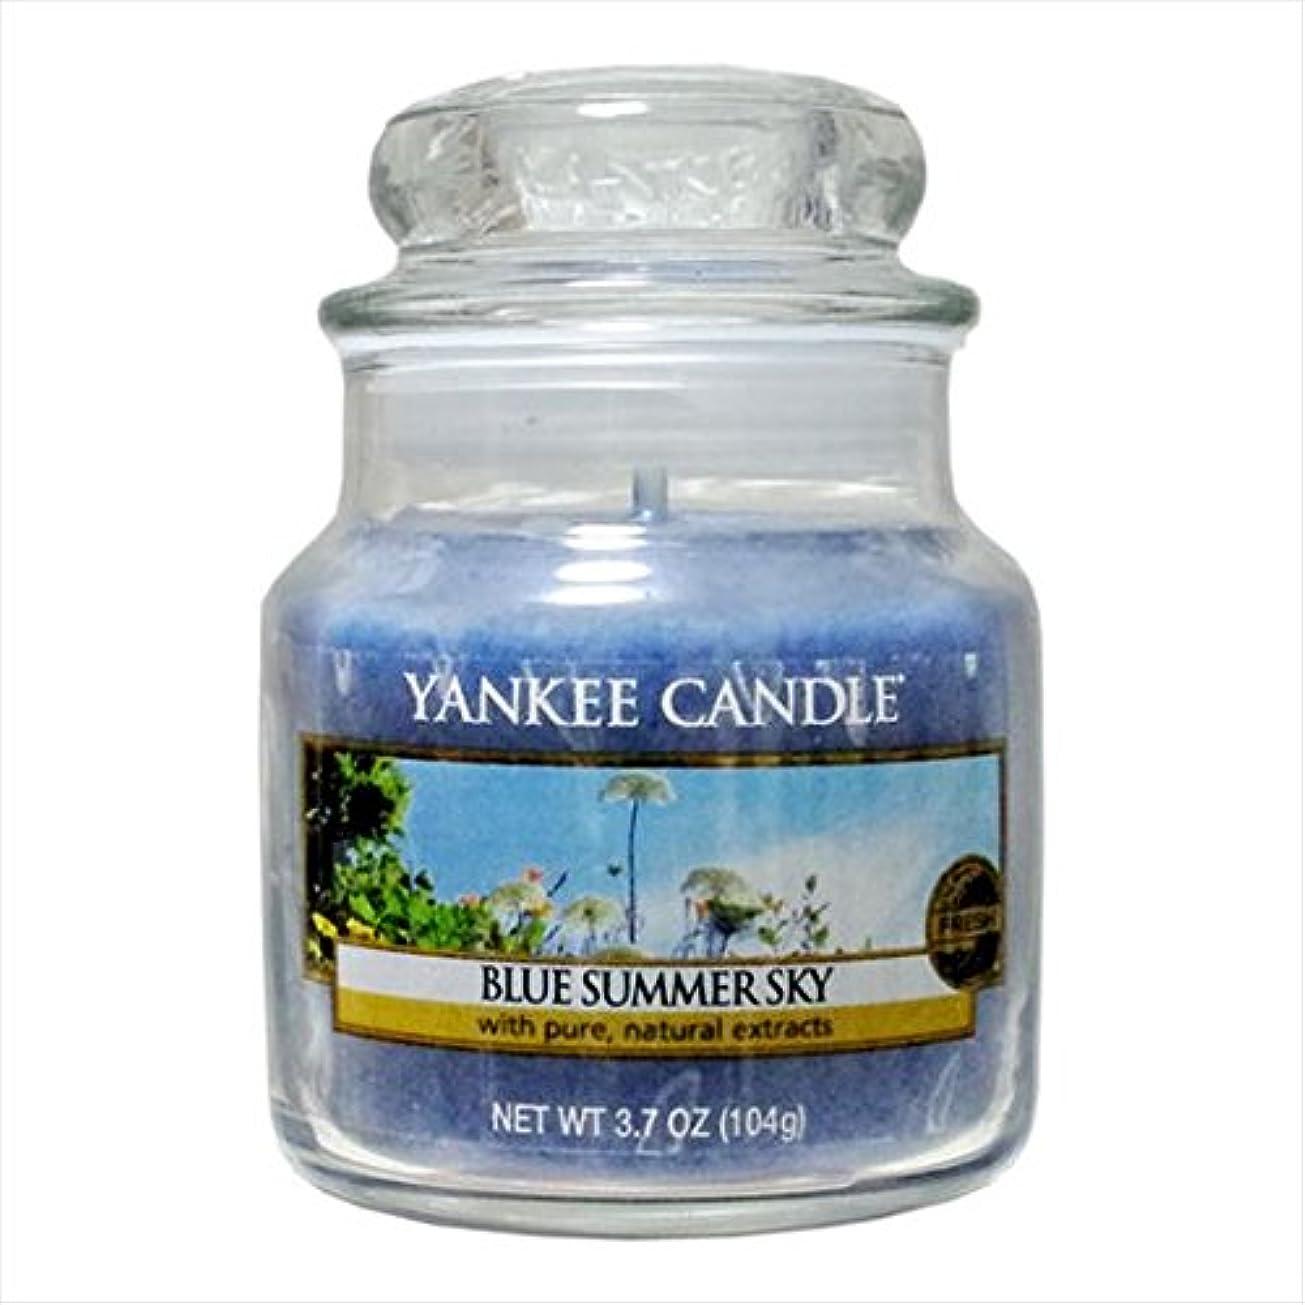 十分な従事したプログレッシブヤンキーキャンドル(YANKEE CANDLE) YANKEE CANDLEジャーS 「 ブルーサマースカイ 」